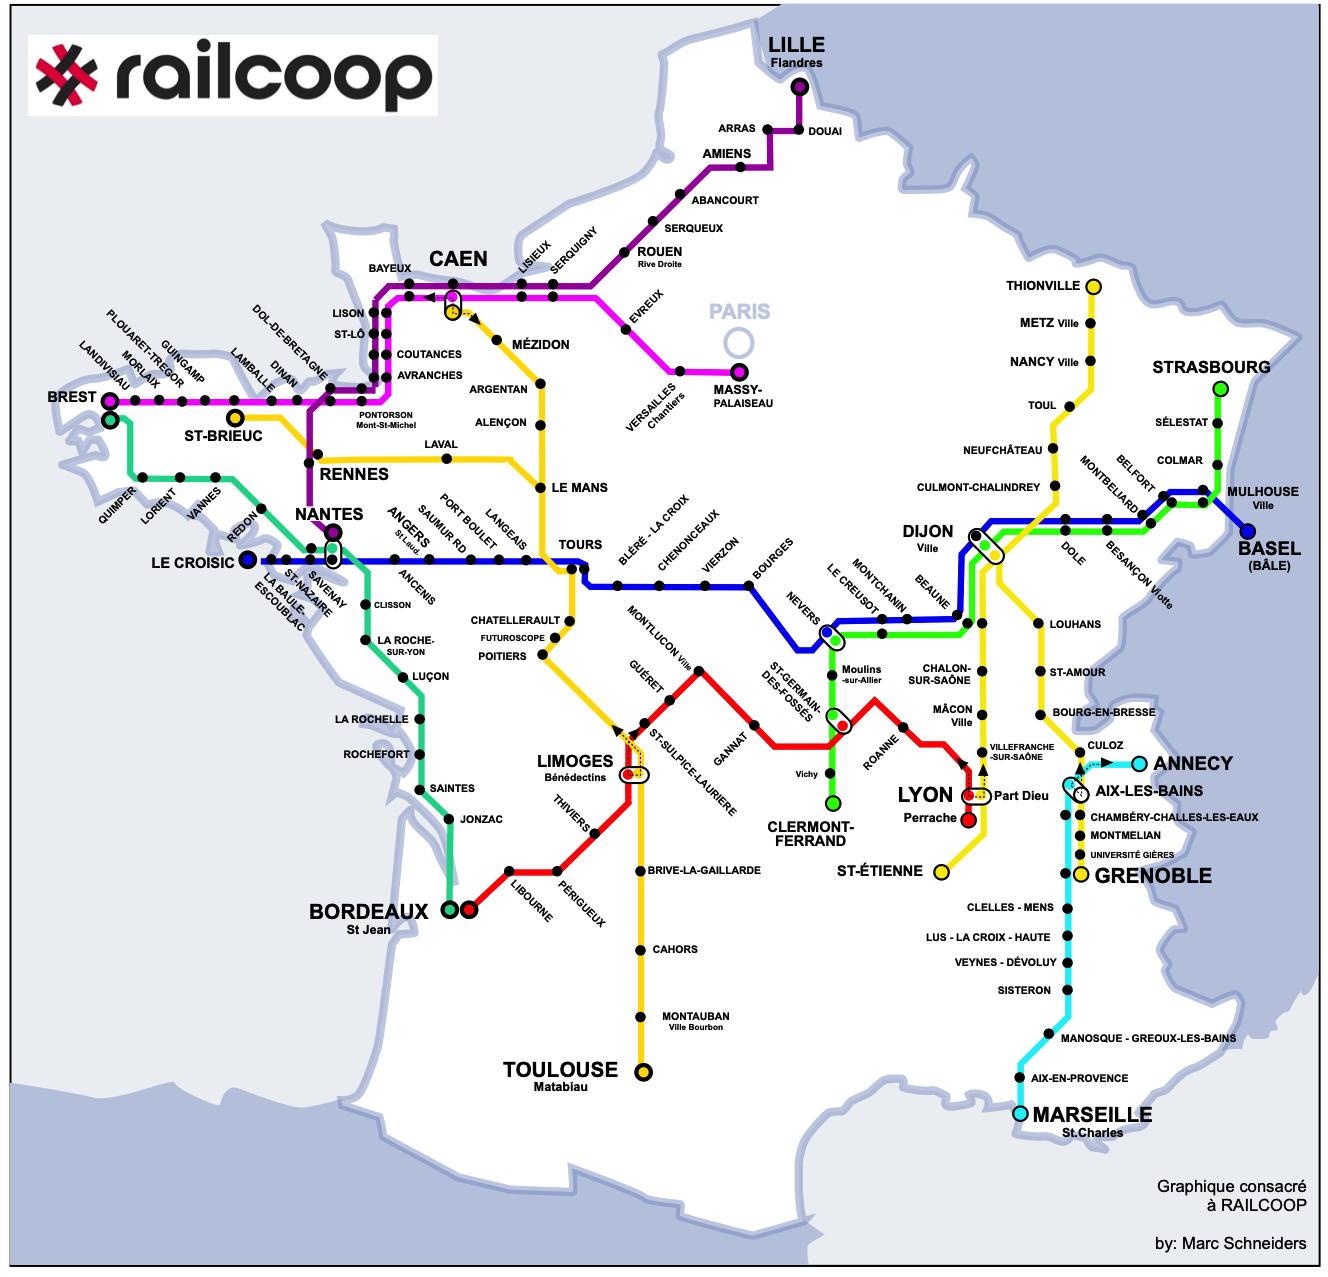 Train : Railcoop affiche un programme ambitieux de liaisons transversales